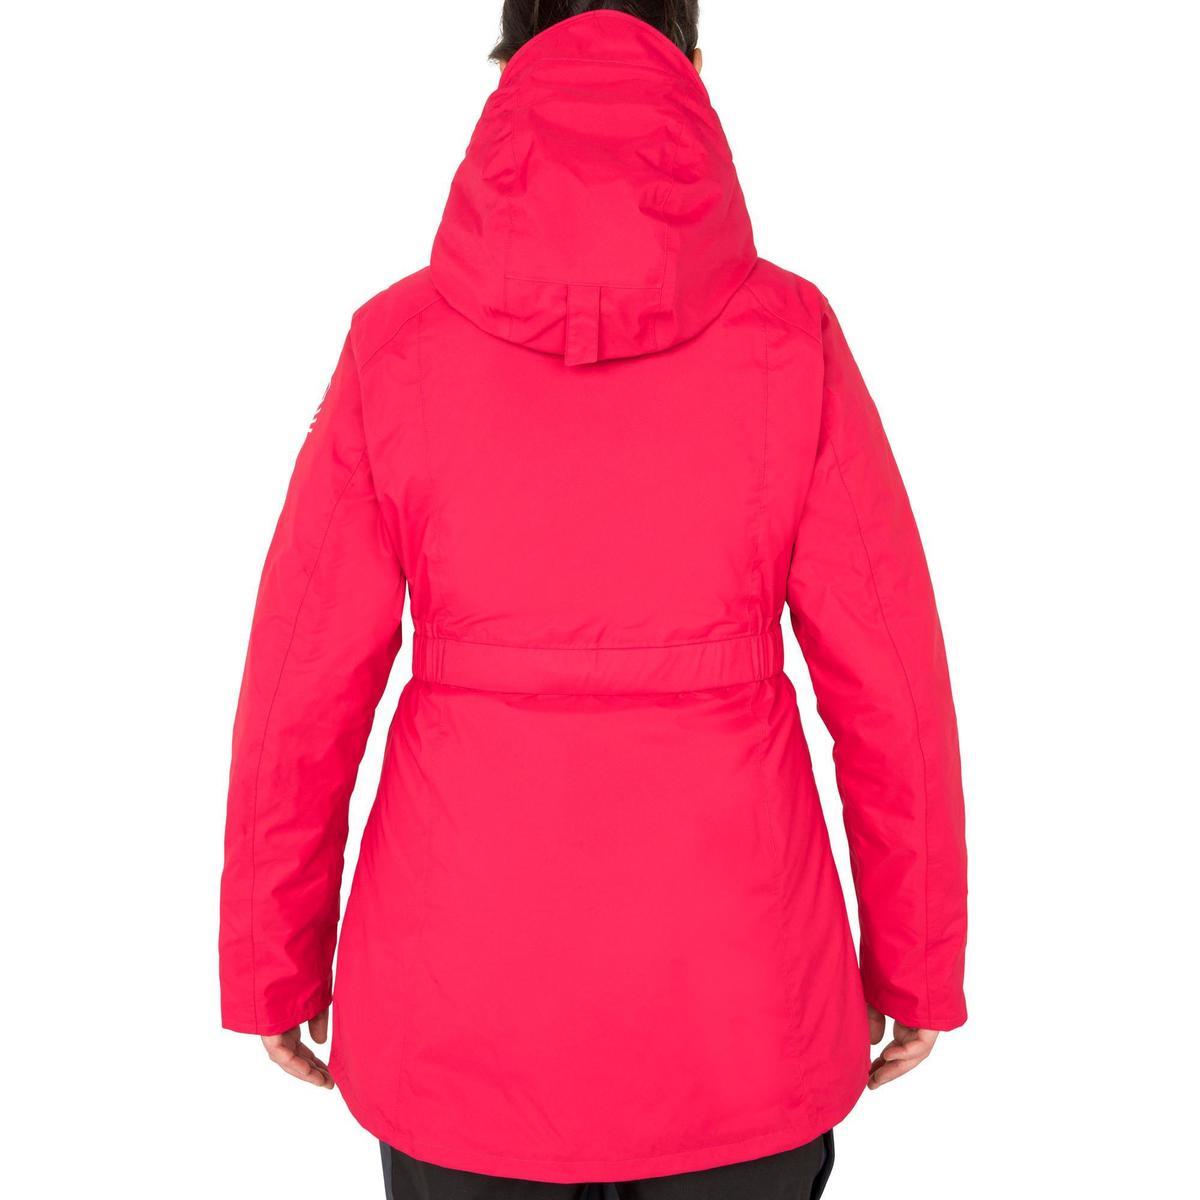 Bild 3 von Segeljacke warm 100 Damen rosa